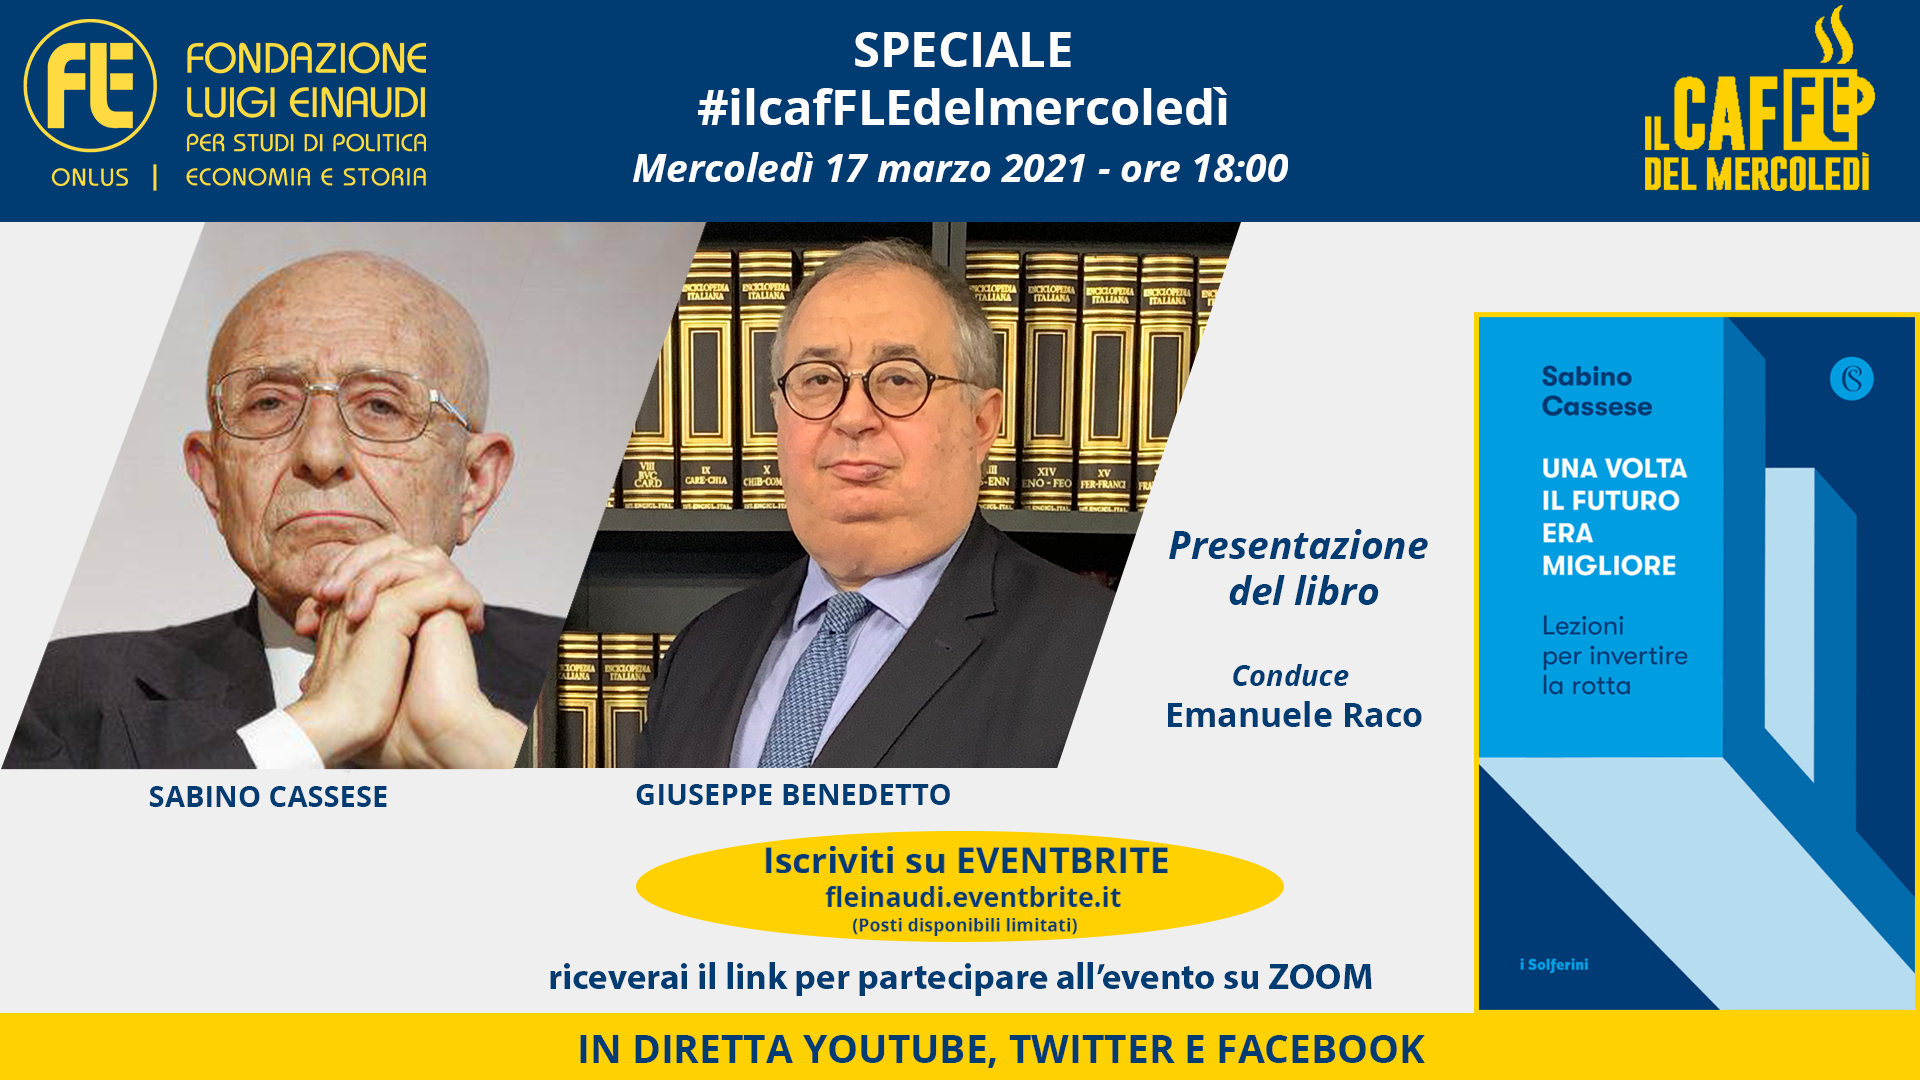 """Speciale #ilcafFLEdelmercoledì – Sabino Cassese e Giuseppe Benedetto, presentazione del libro """"Una volta il futuro era migliore"""""""